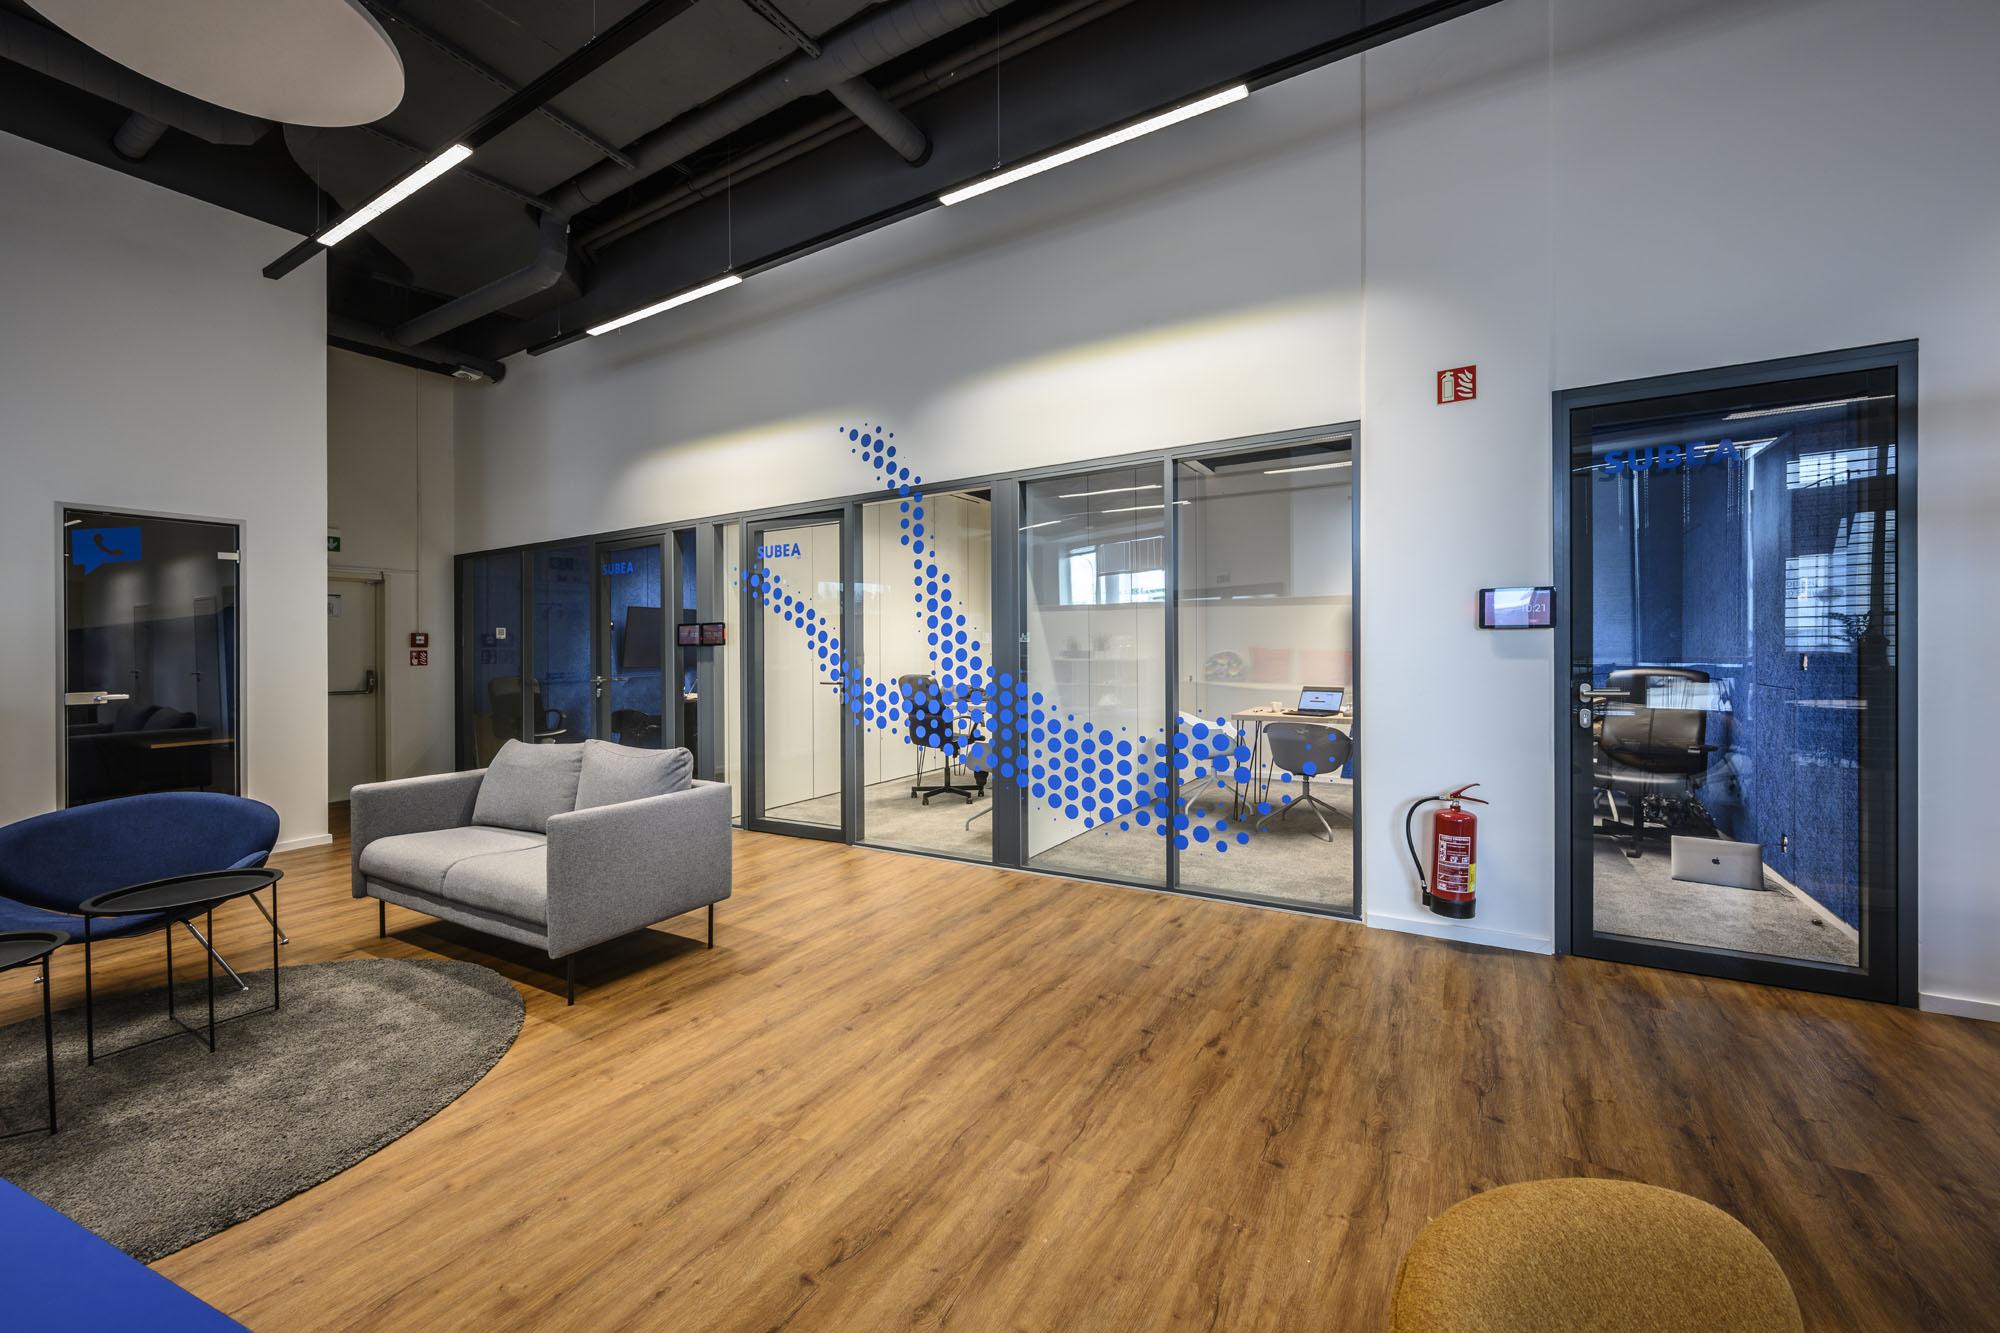 Flexibilná moderná kancelária s grafickými prvkami rôznych športov